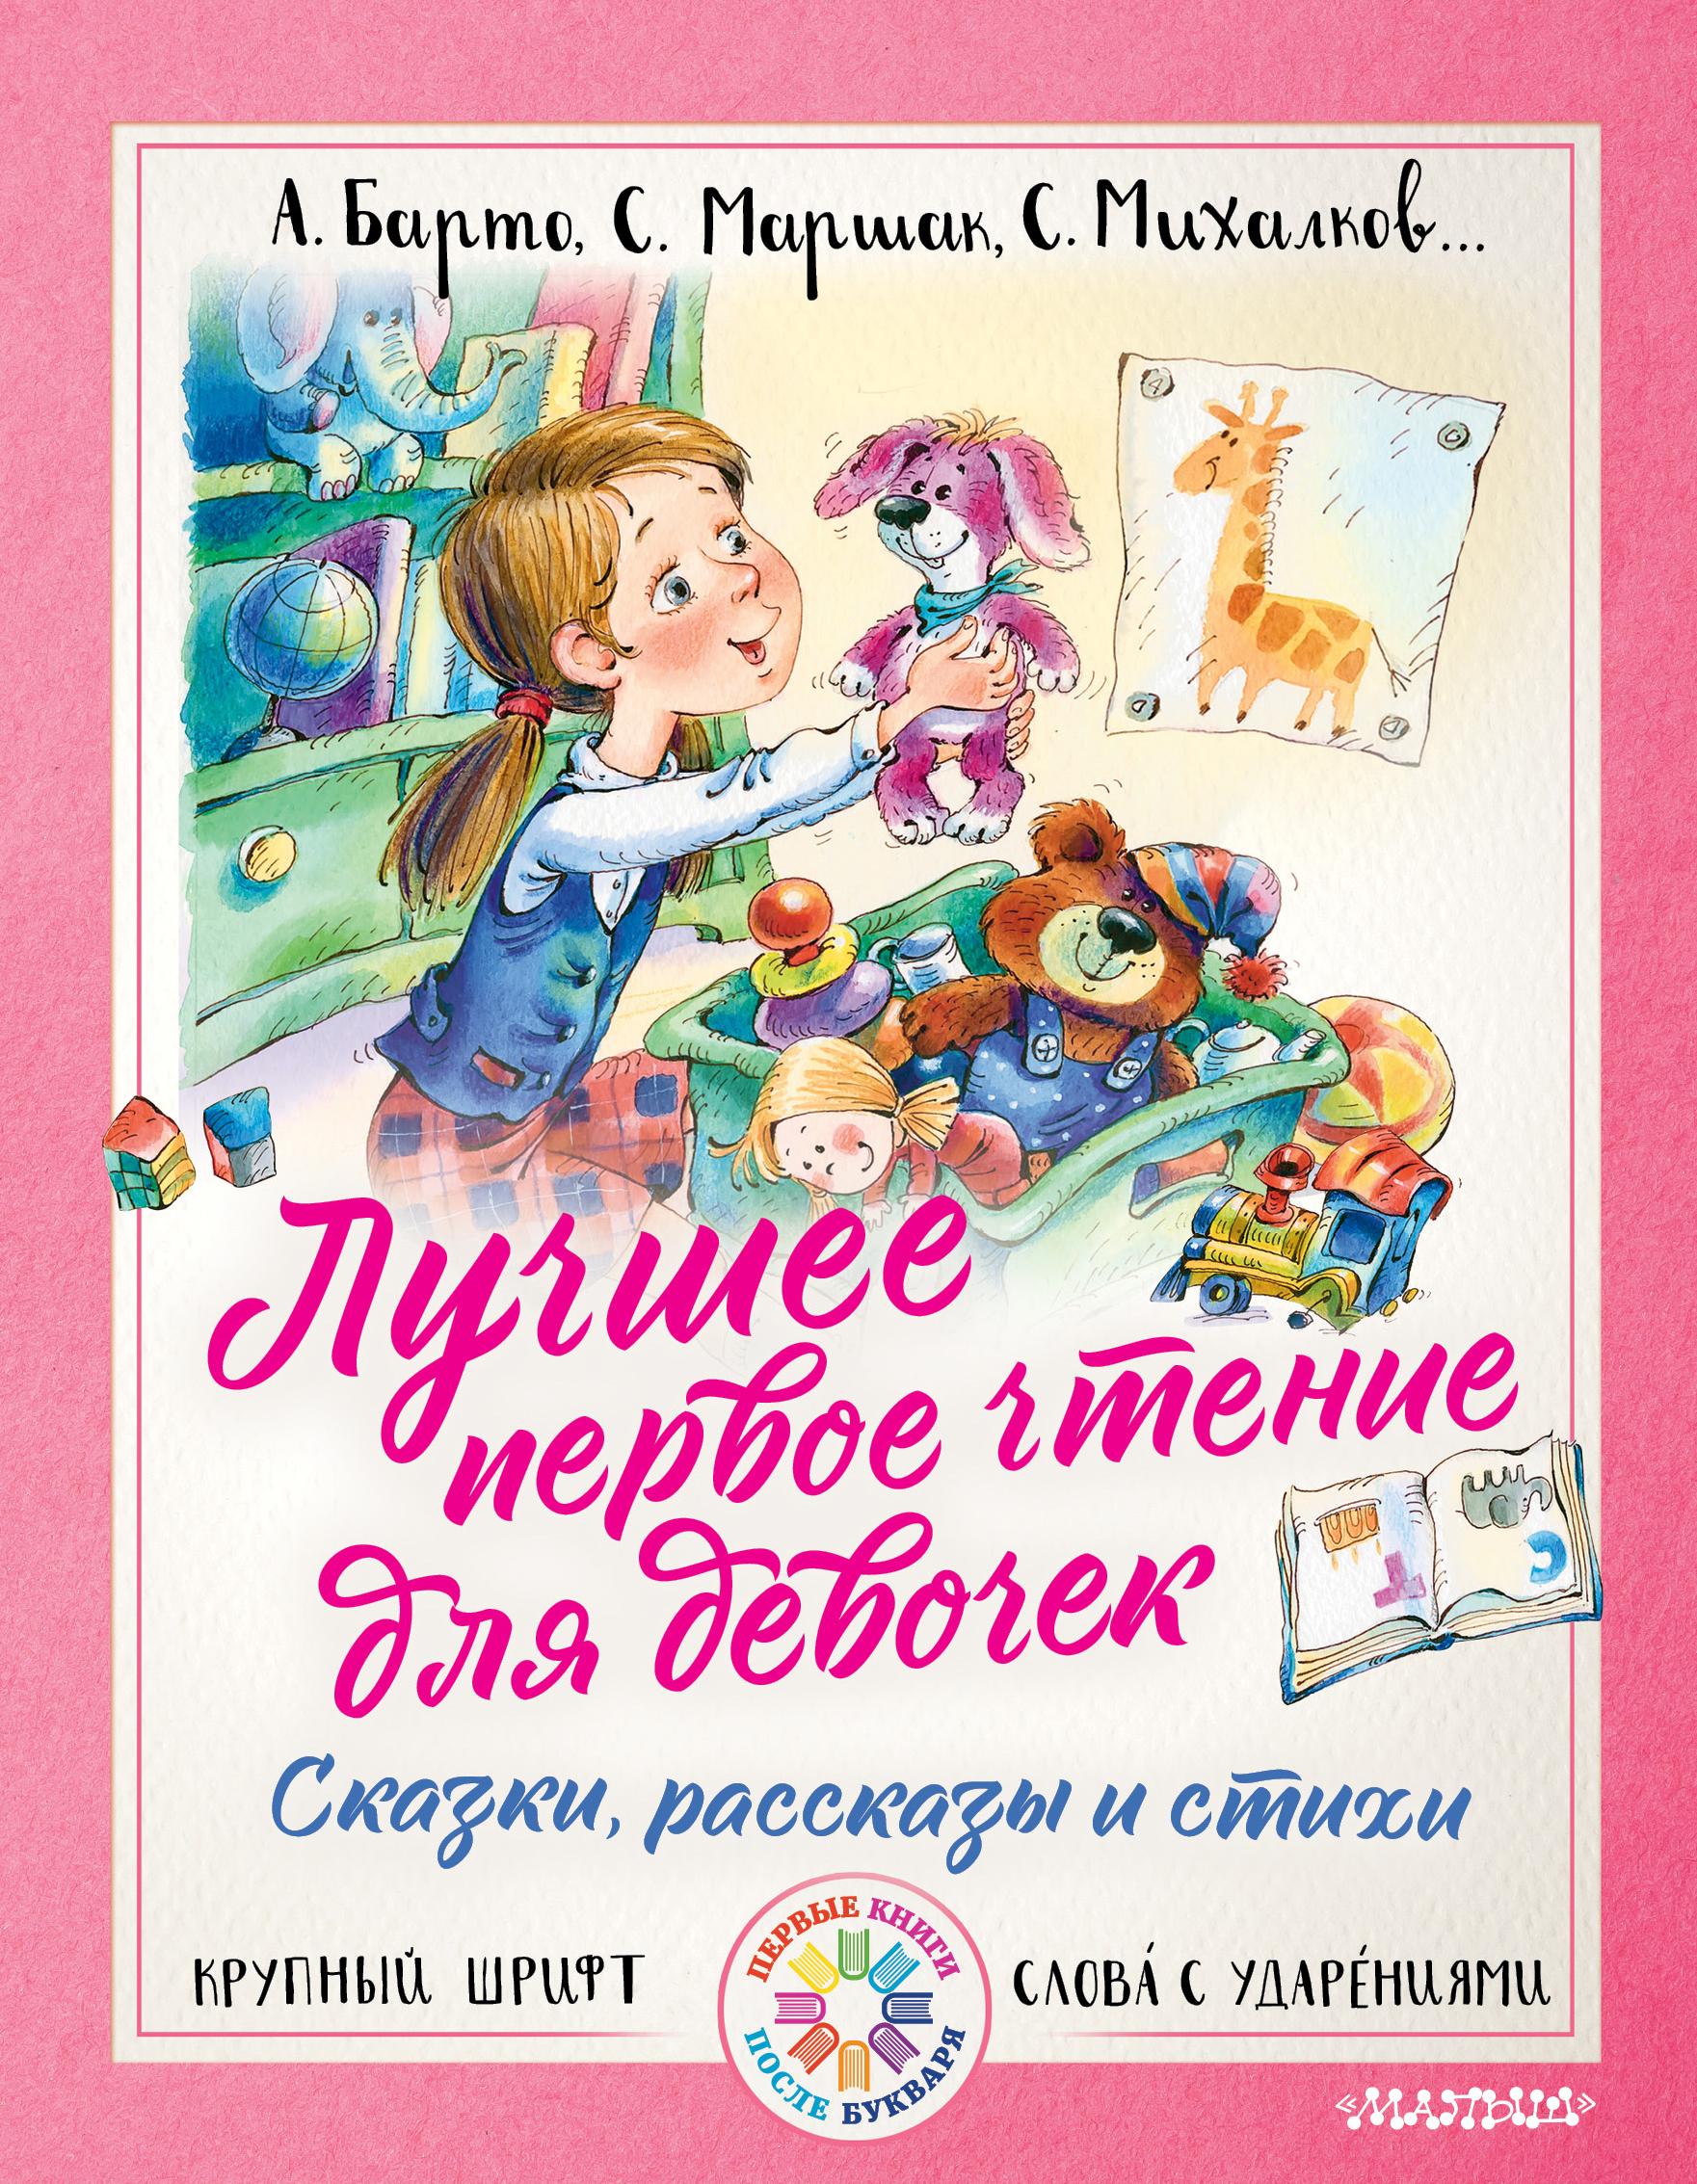 С. Маршак, С. Михалков, Э. Успенский и др. Лучшее первое чтение для девочек